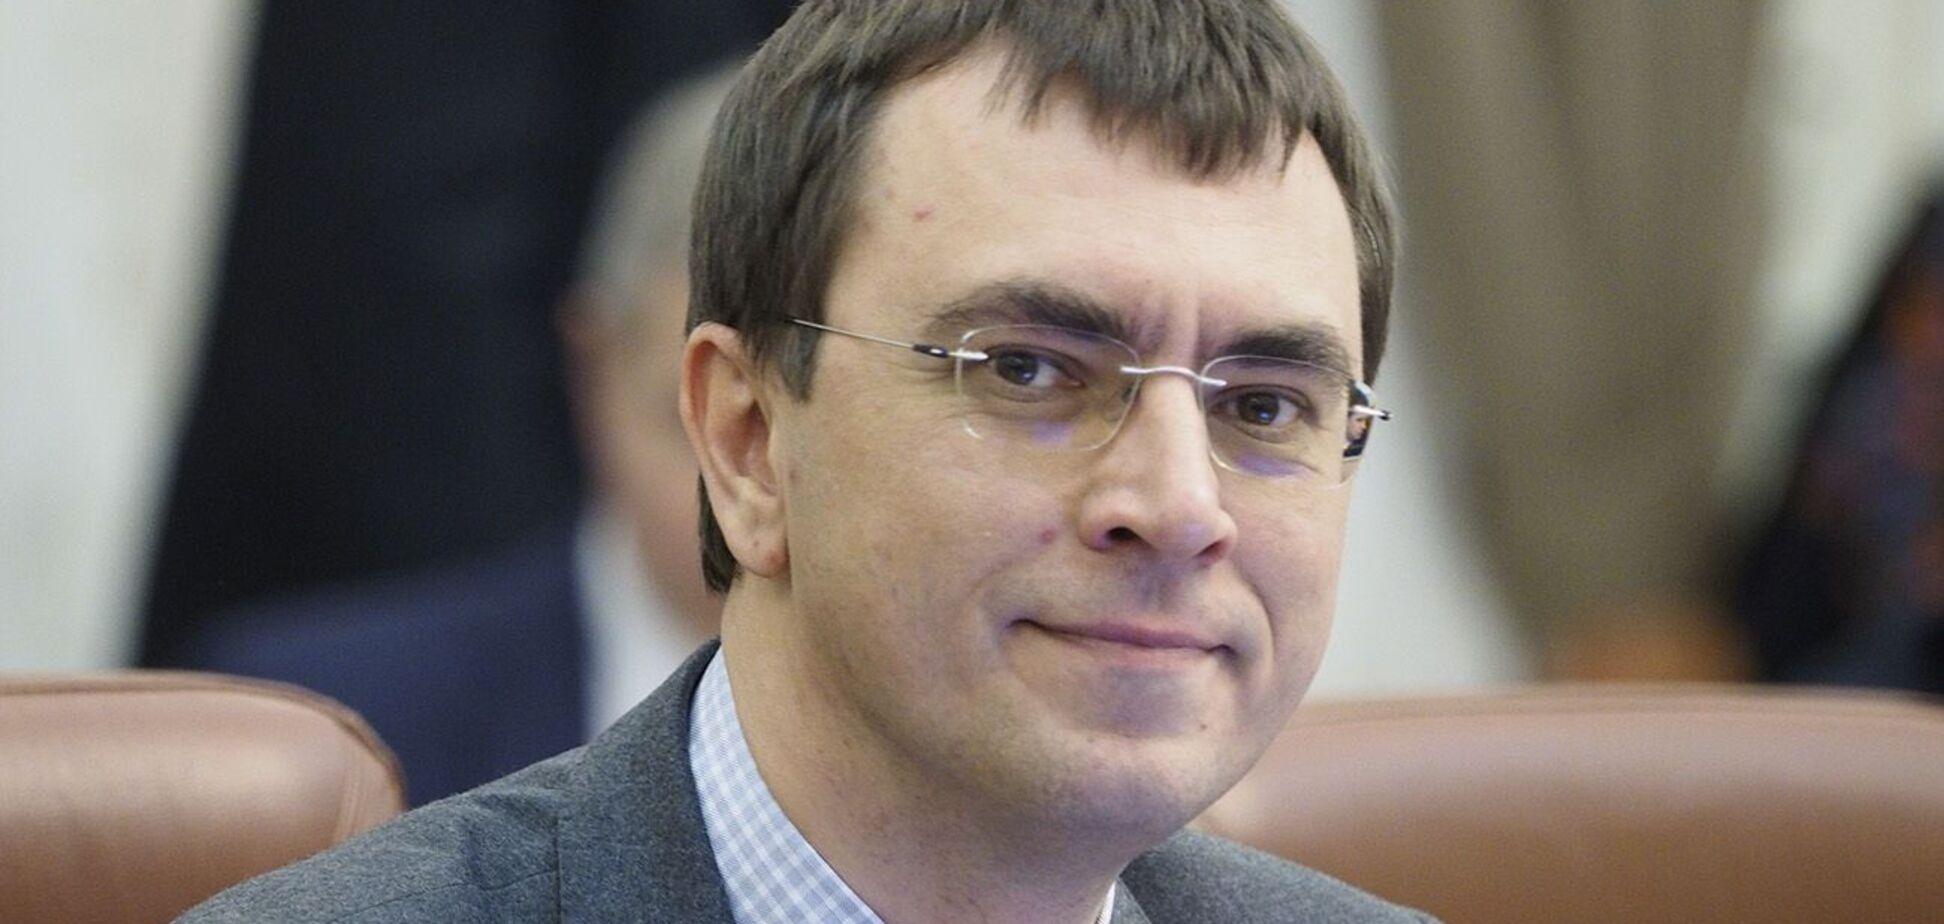 Імпорт струму відкрив Росії нову можливість для шантажу України, – Омелян